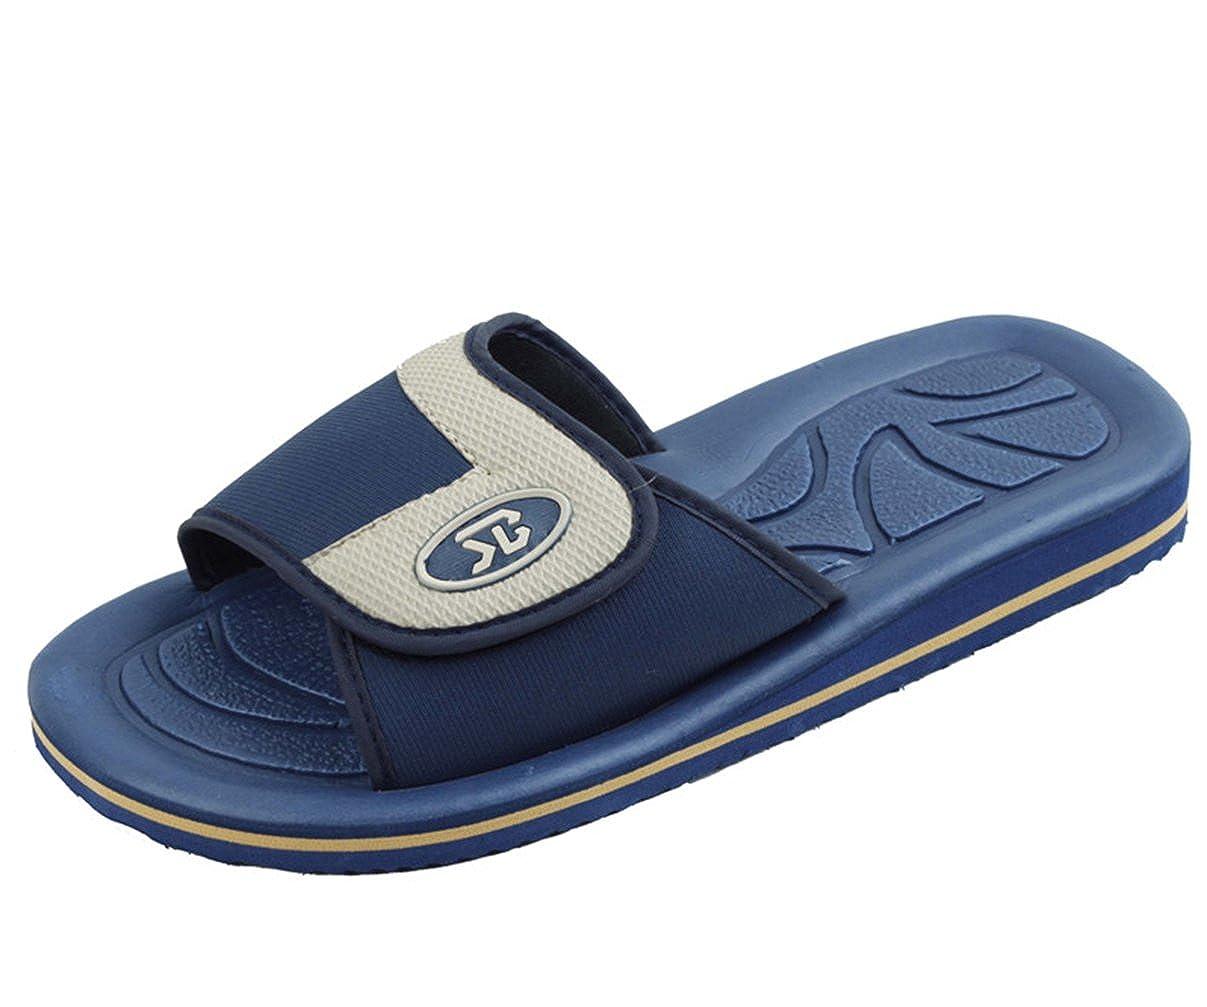 Men's Sandals & Flip Flops | Blacks